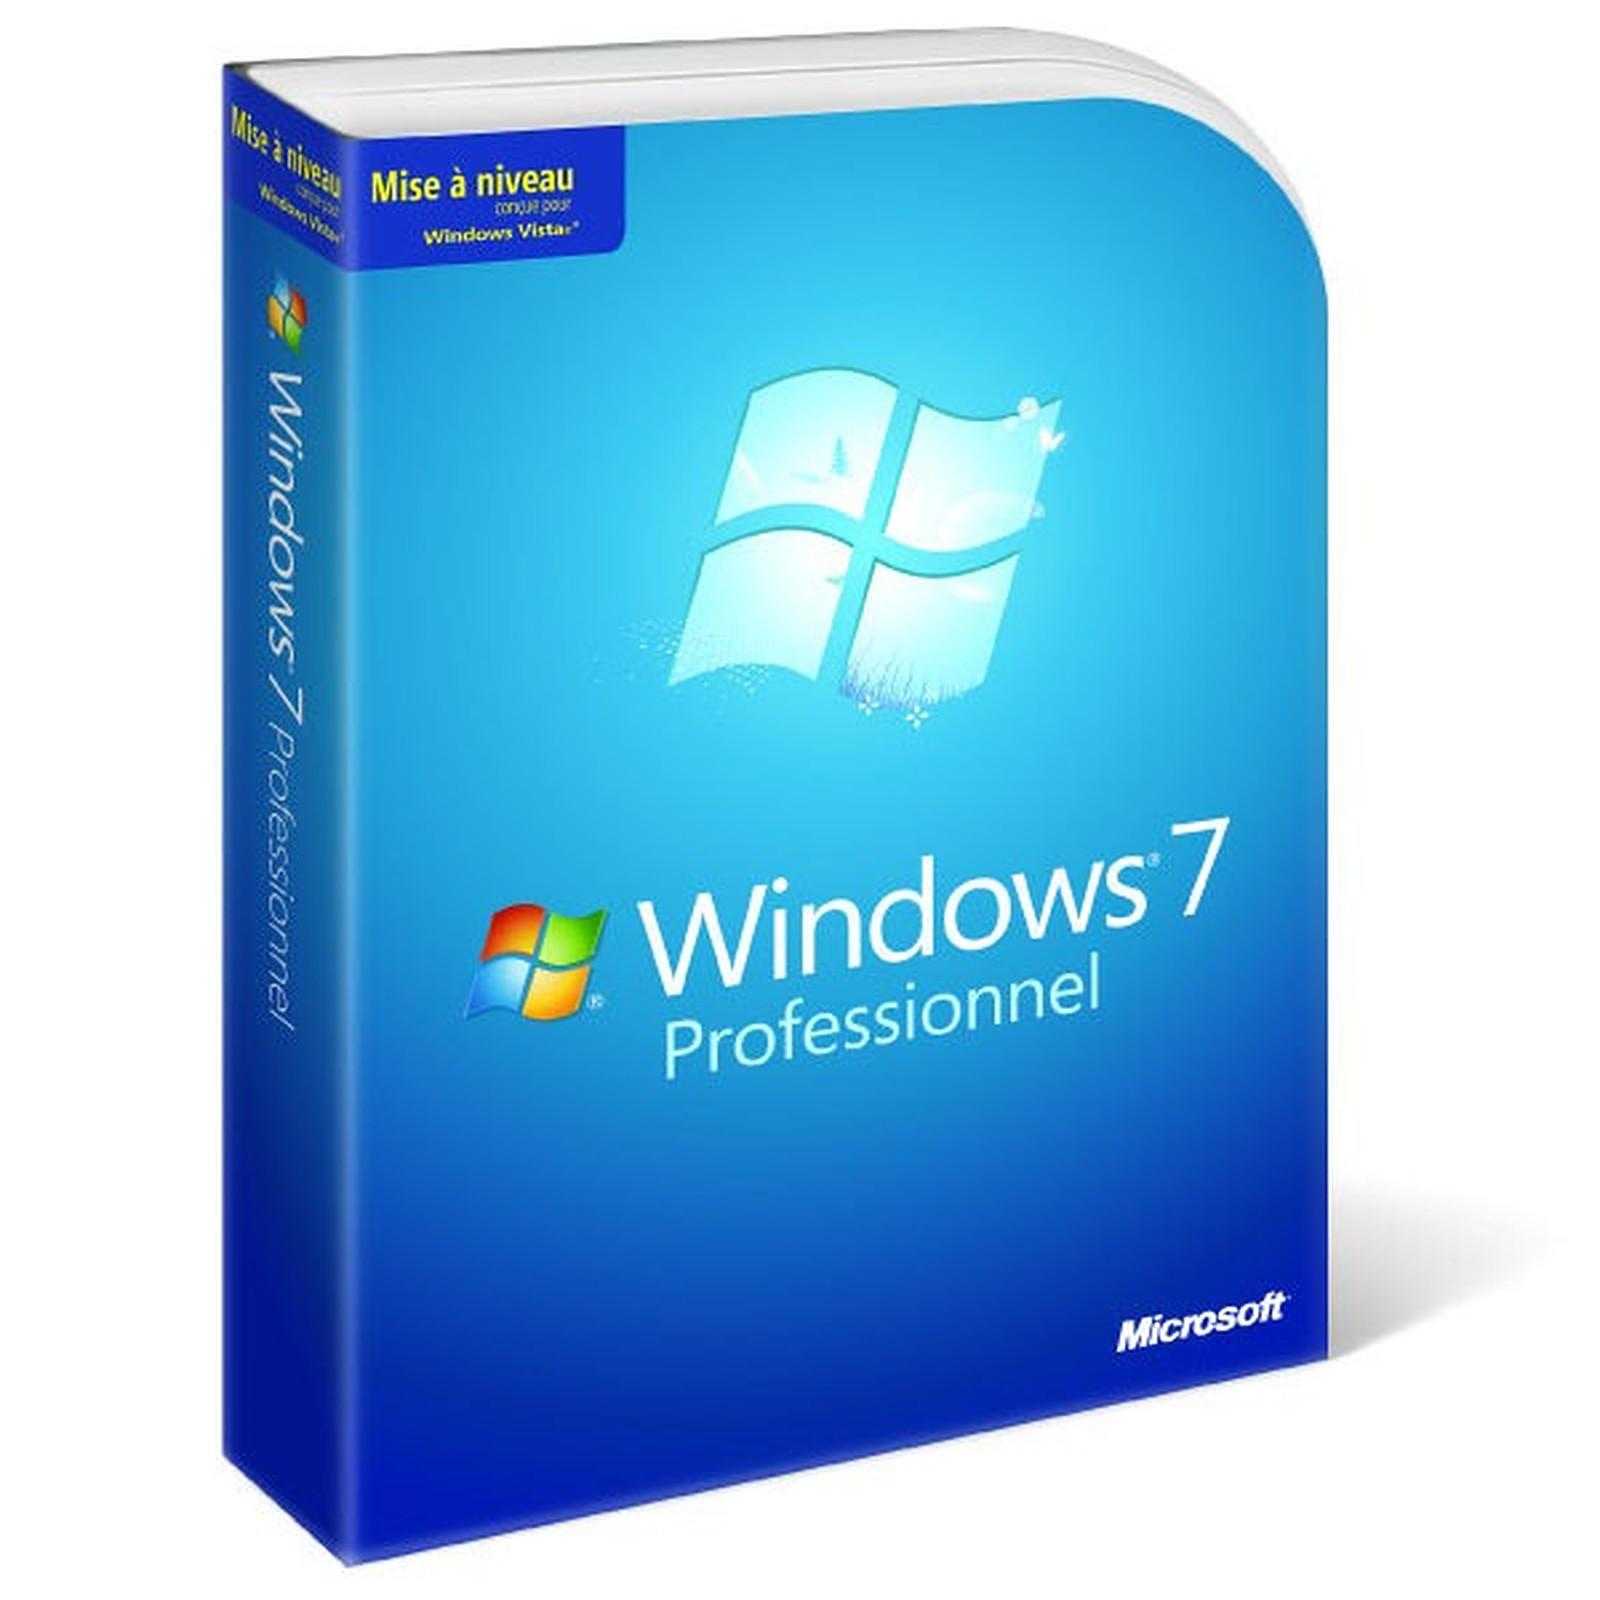 Microsoft Windows 7 Professionnel - Mise à jour